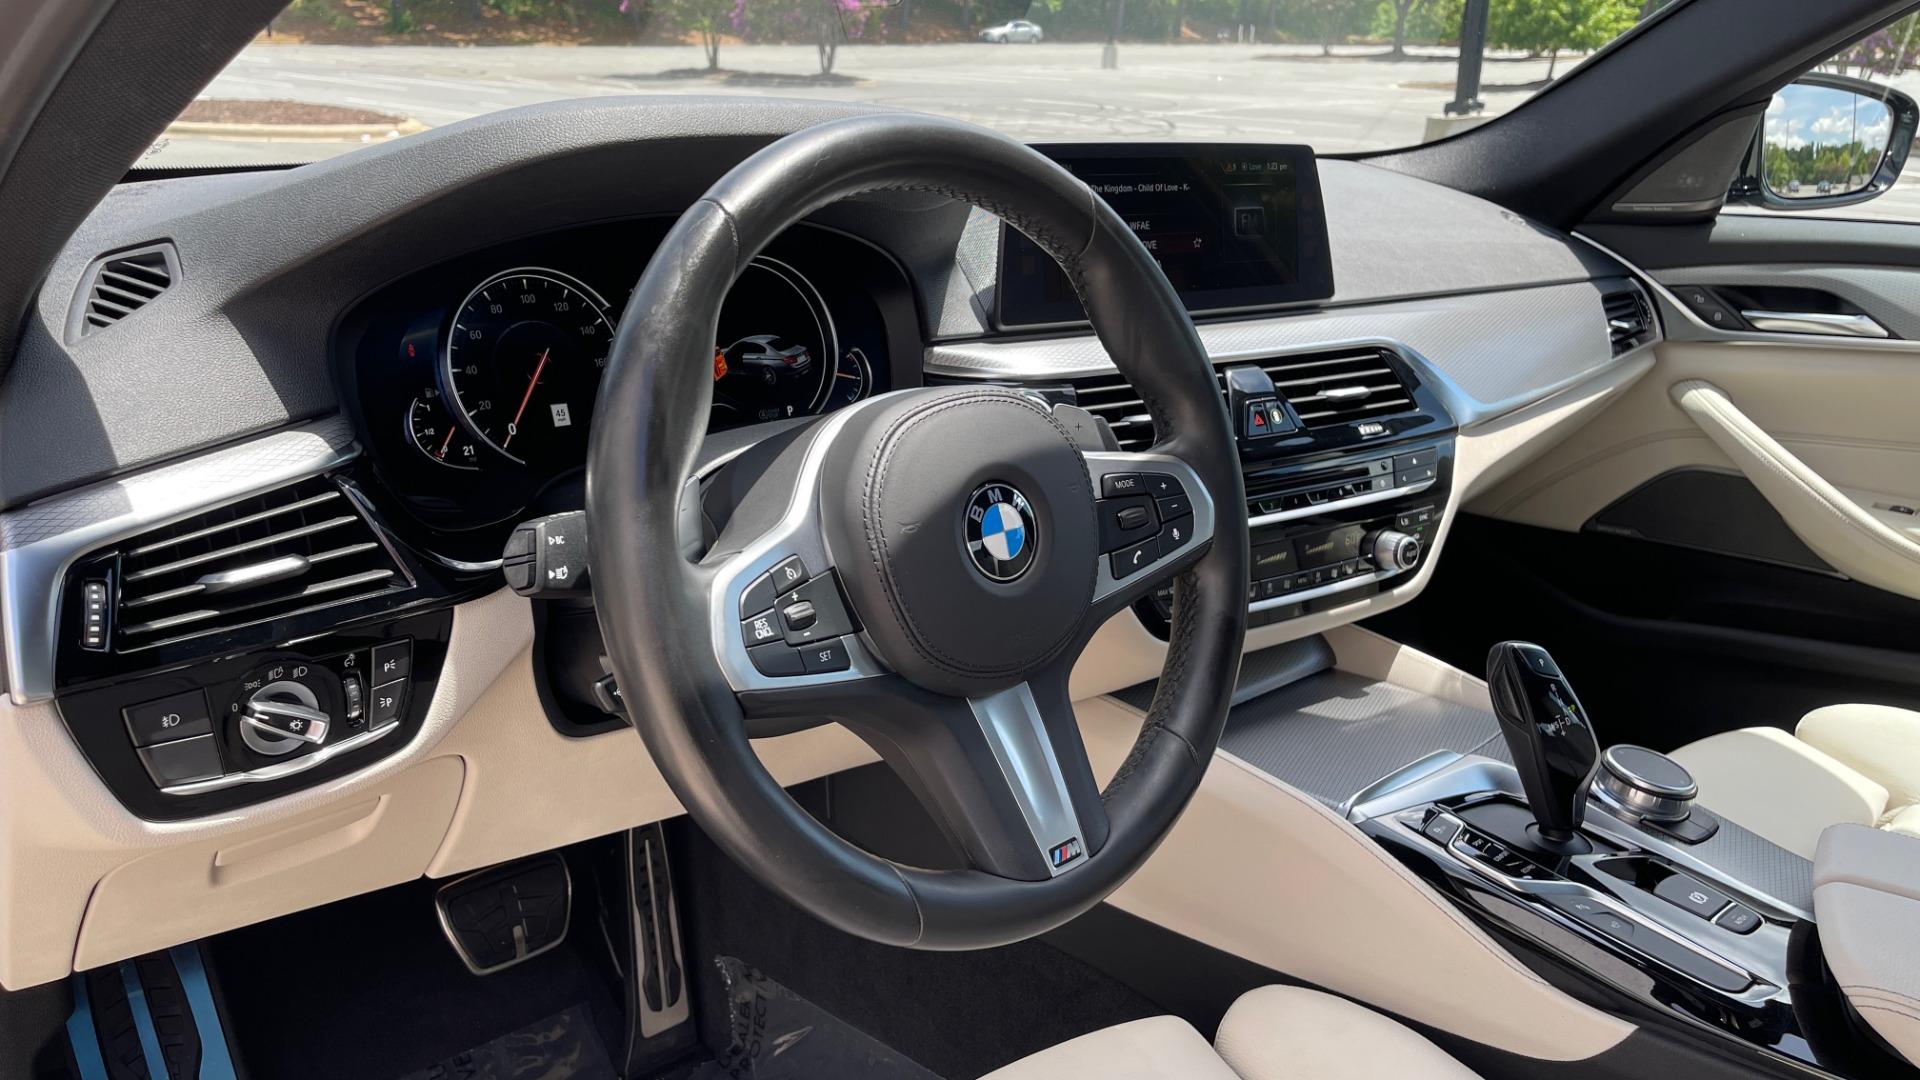 Used 2018 BMW 5 SERIES 540I M-SPORT / EXECUTIVE PKG / DRVR ASST PKG / BLIND SPOT / LANE DEPART for sale $40,995 at Formula Imports in Charlotte NC 28227 44